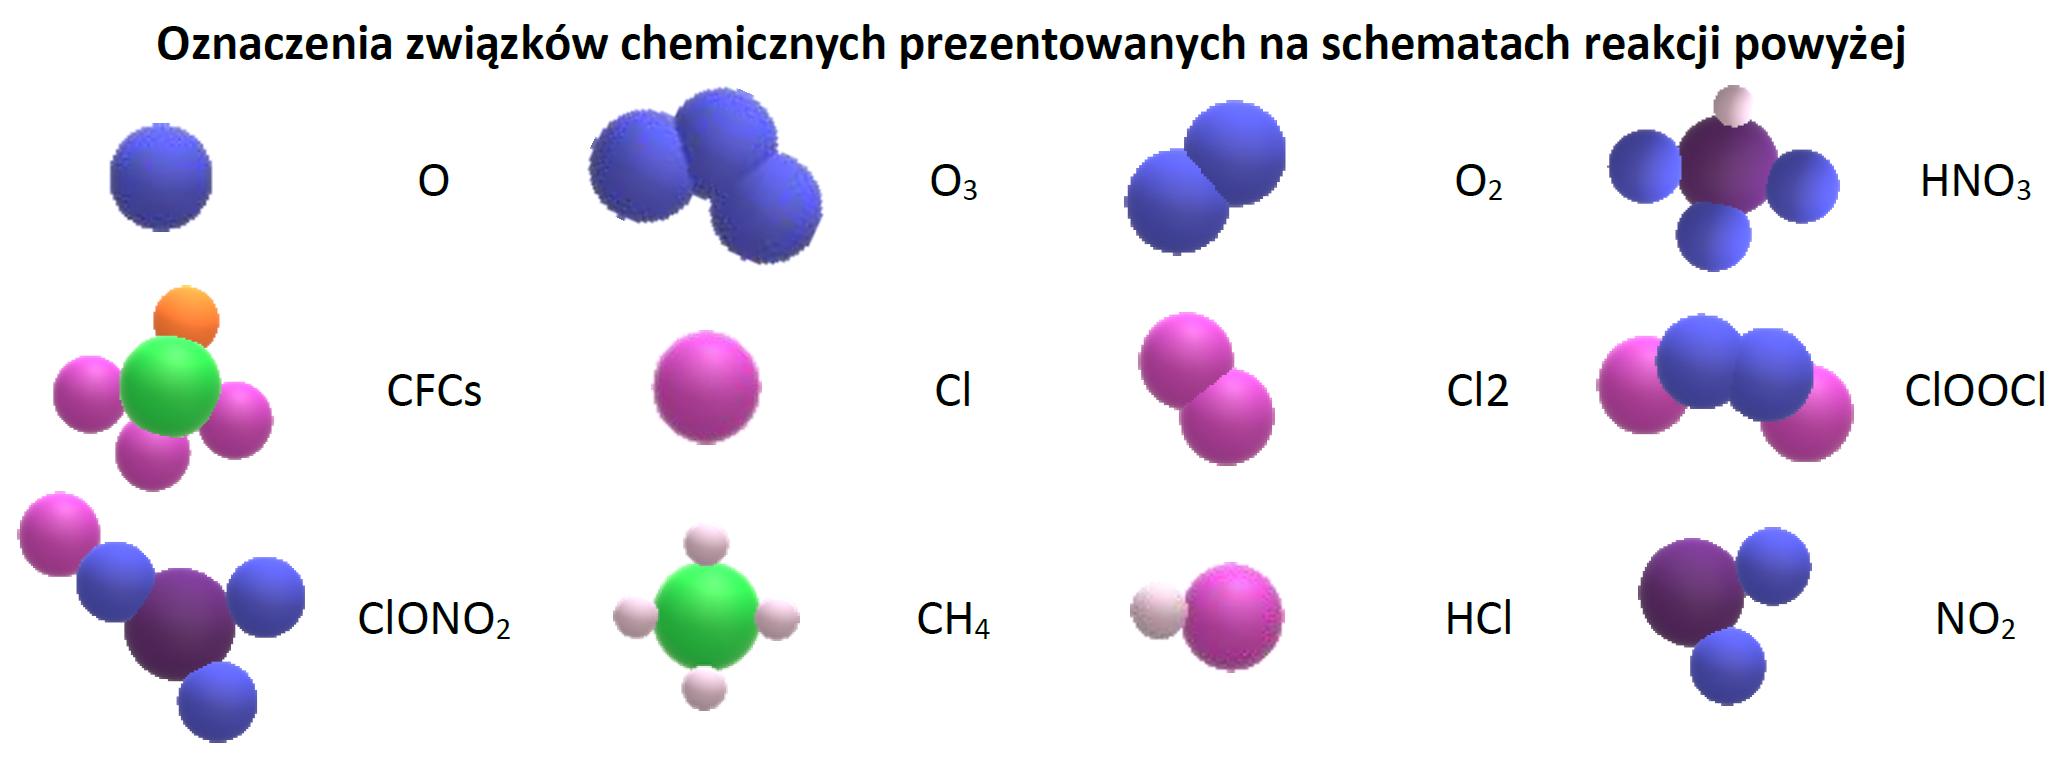 Oznaczenia związków chemicznych prezentowanych na schematach reakcji powyżej